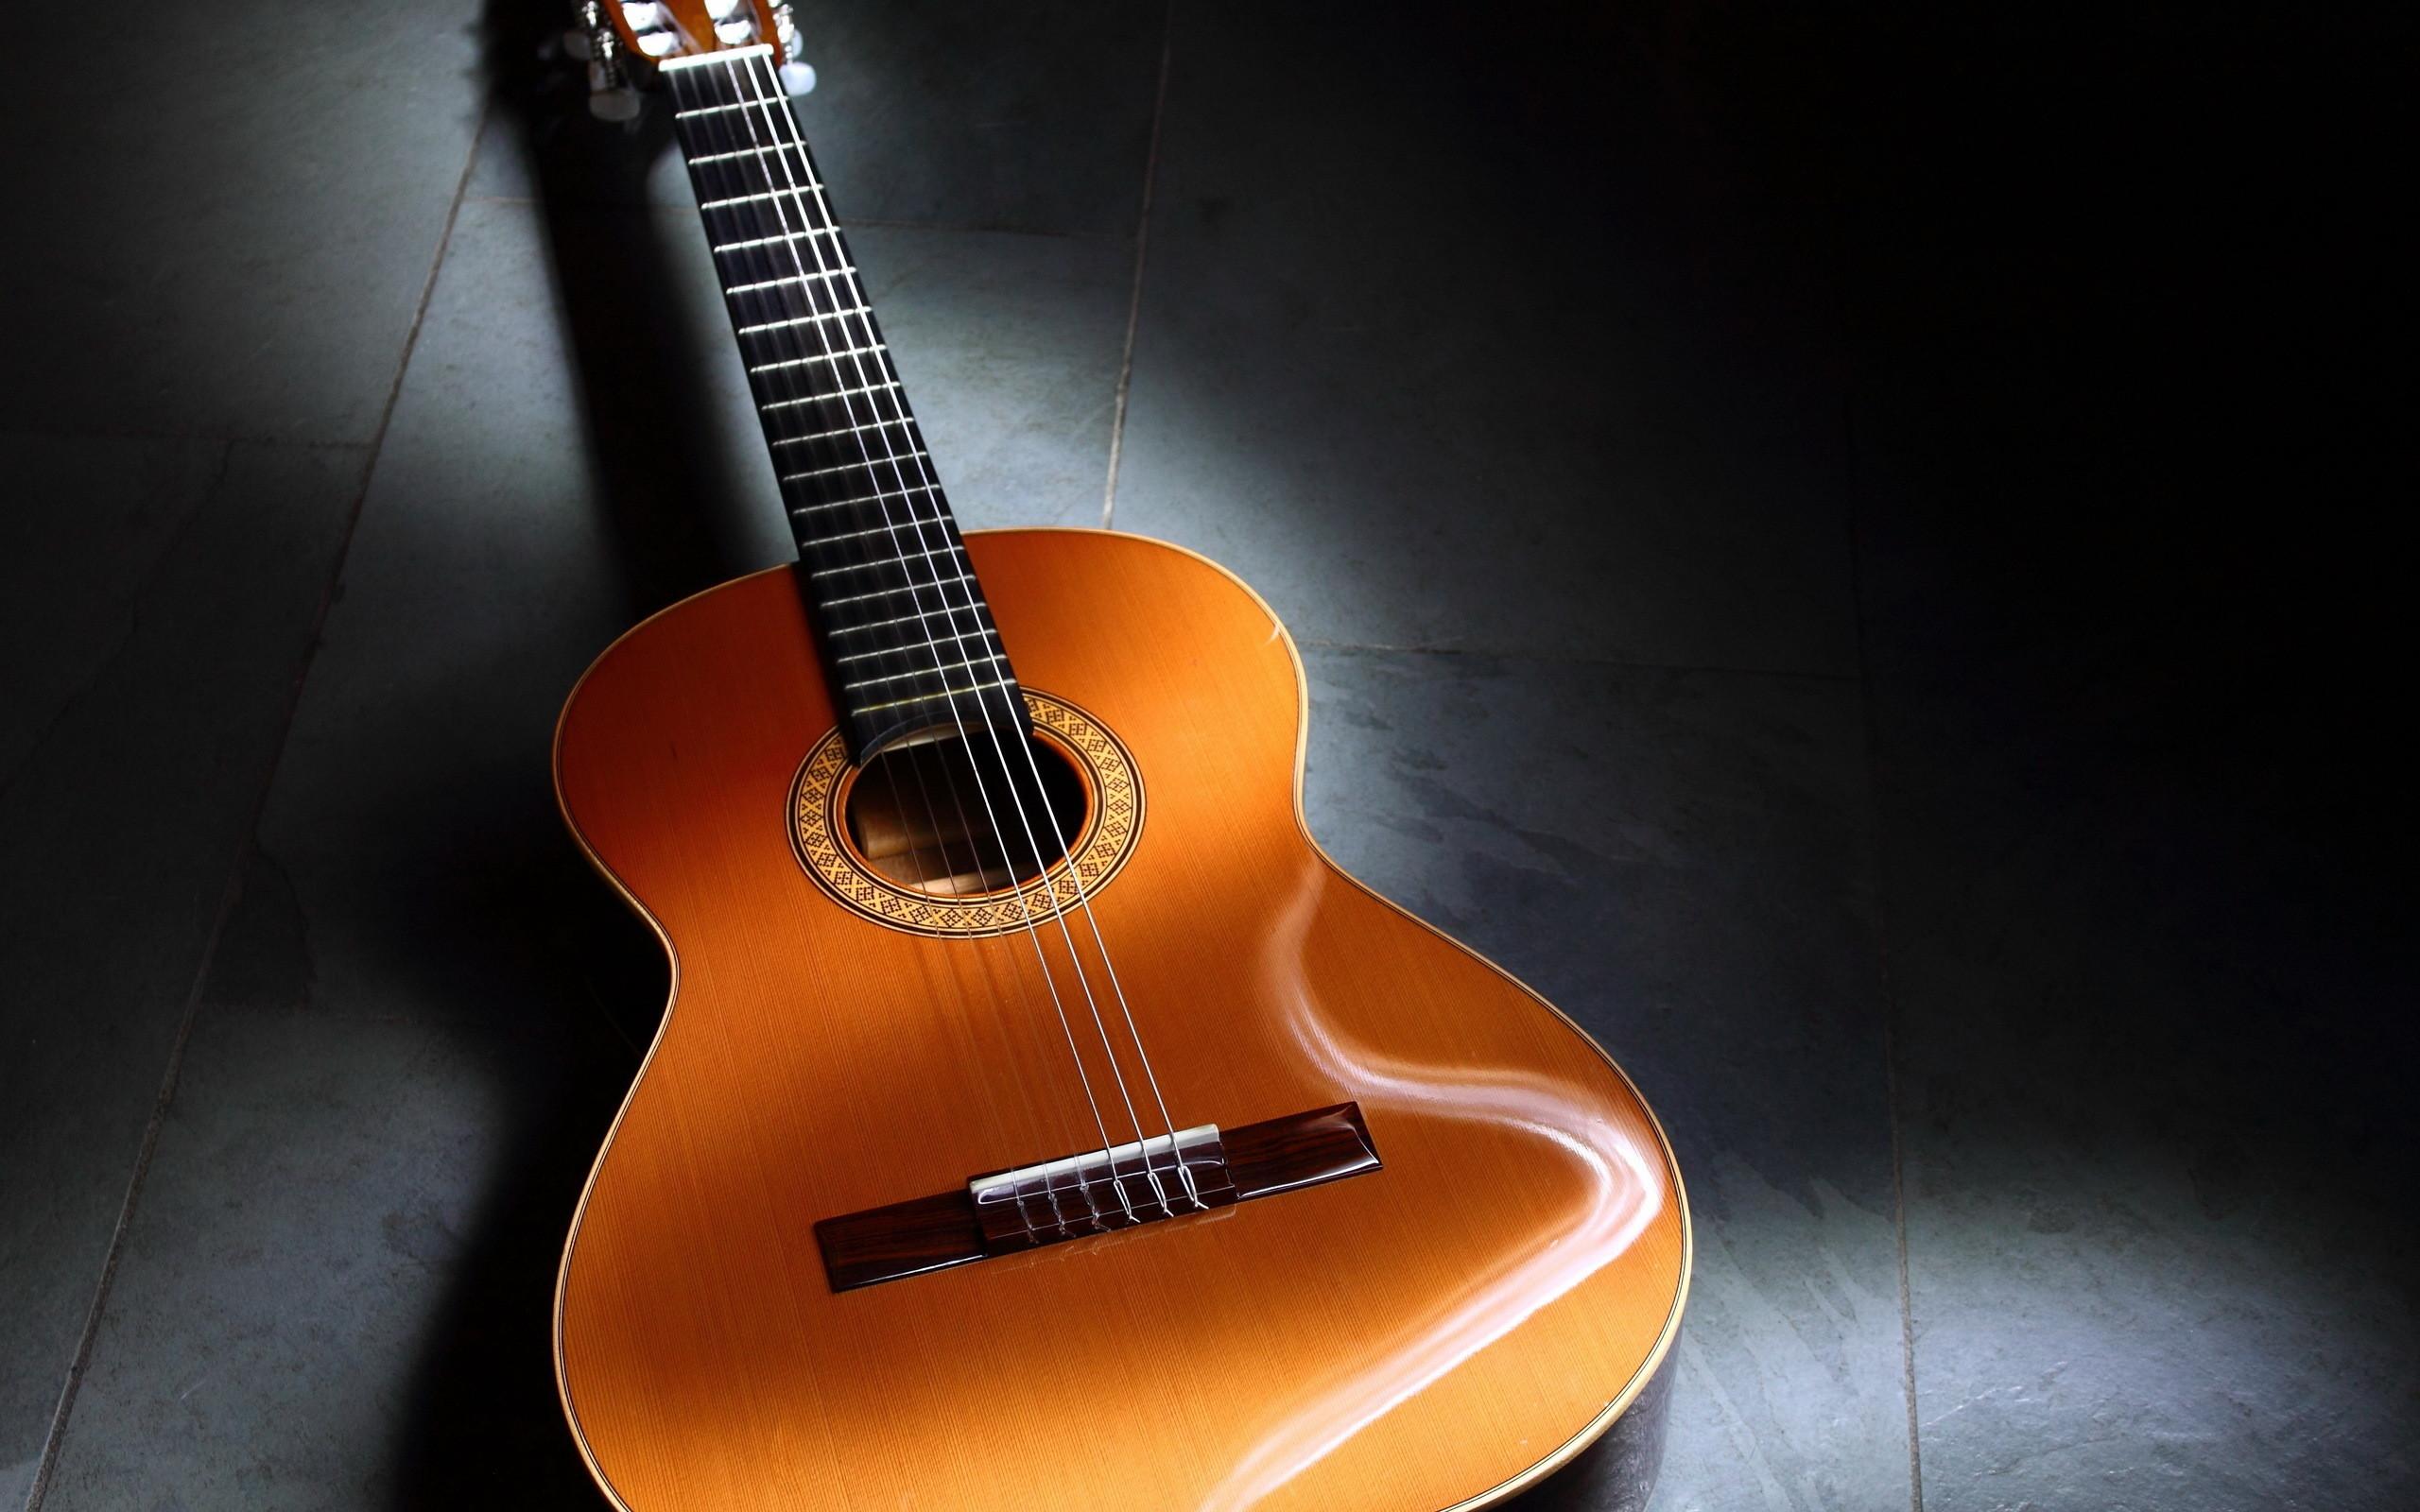 Music / Guitar Wallpaper